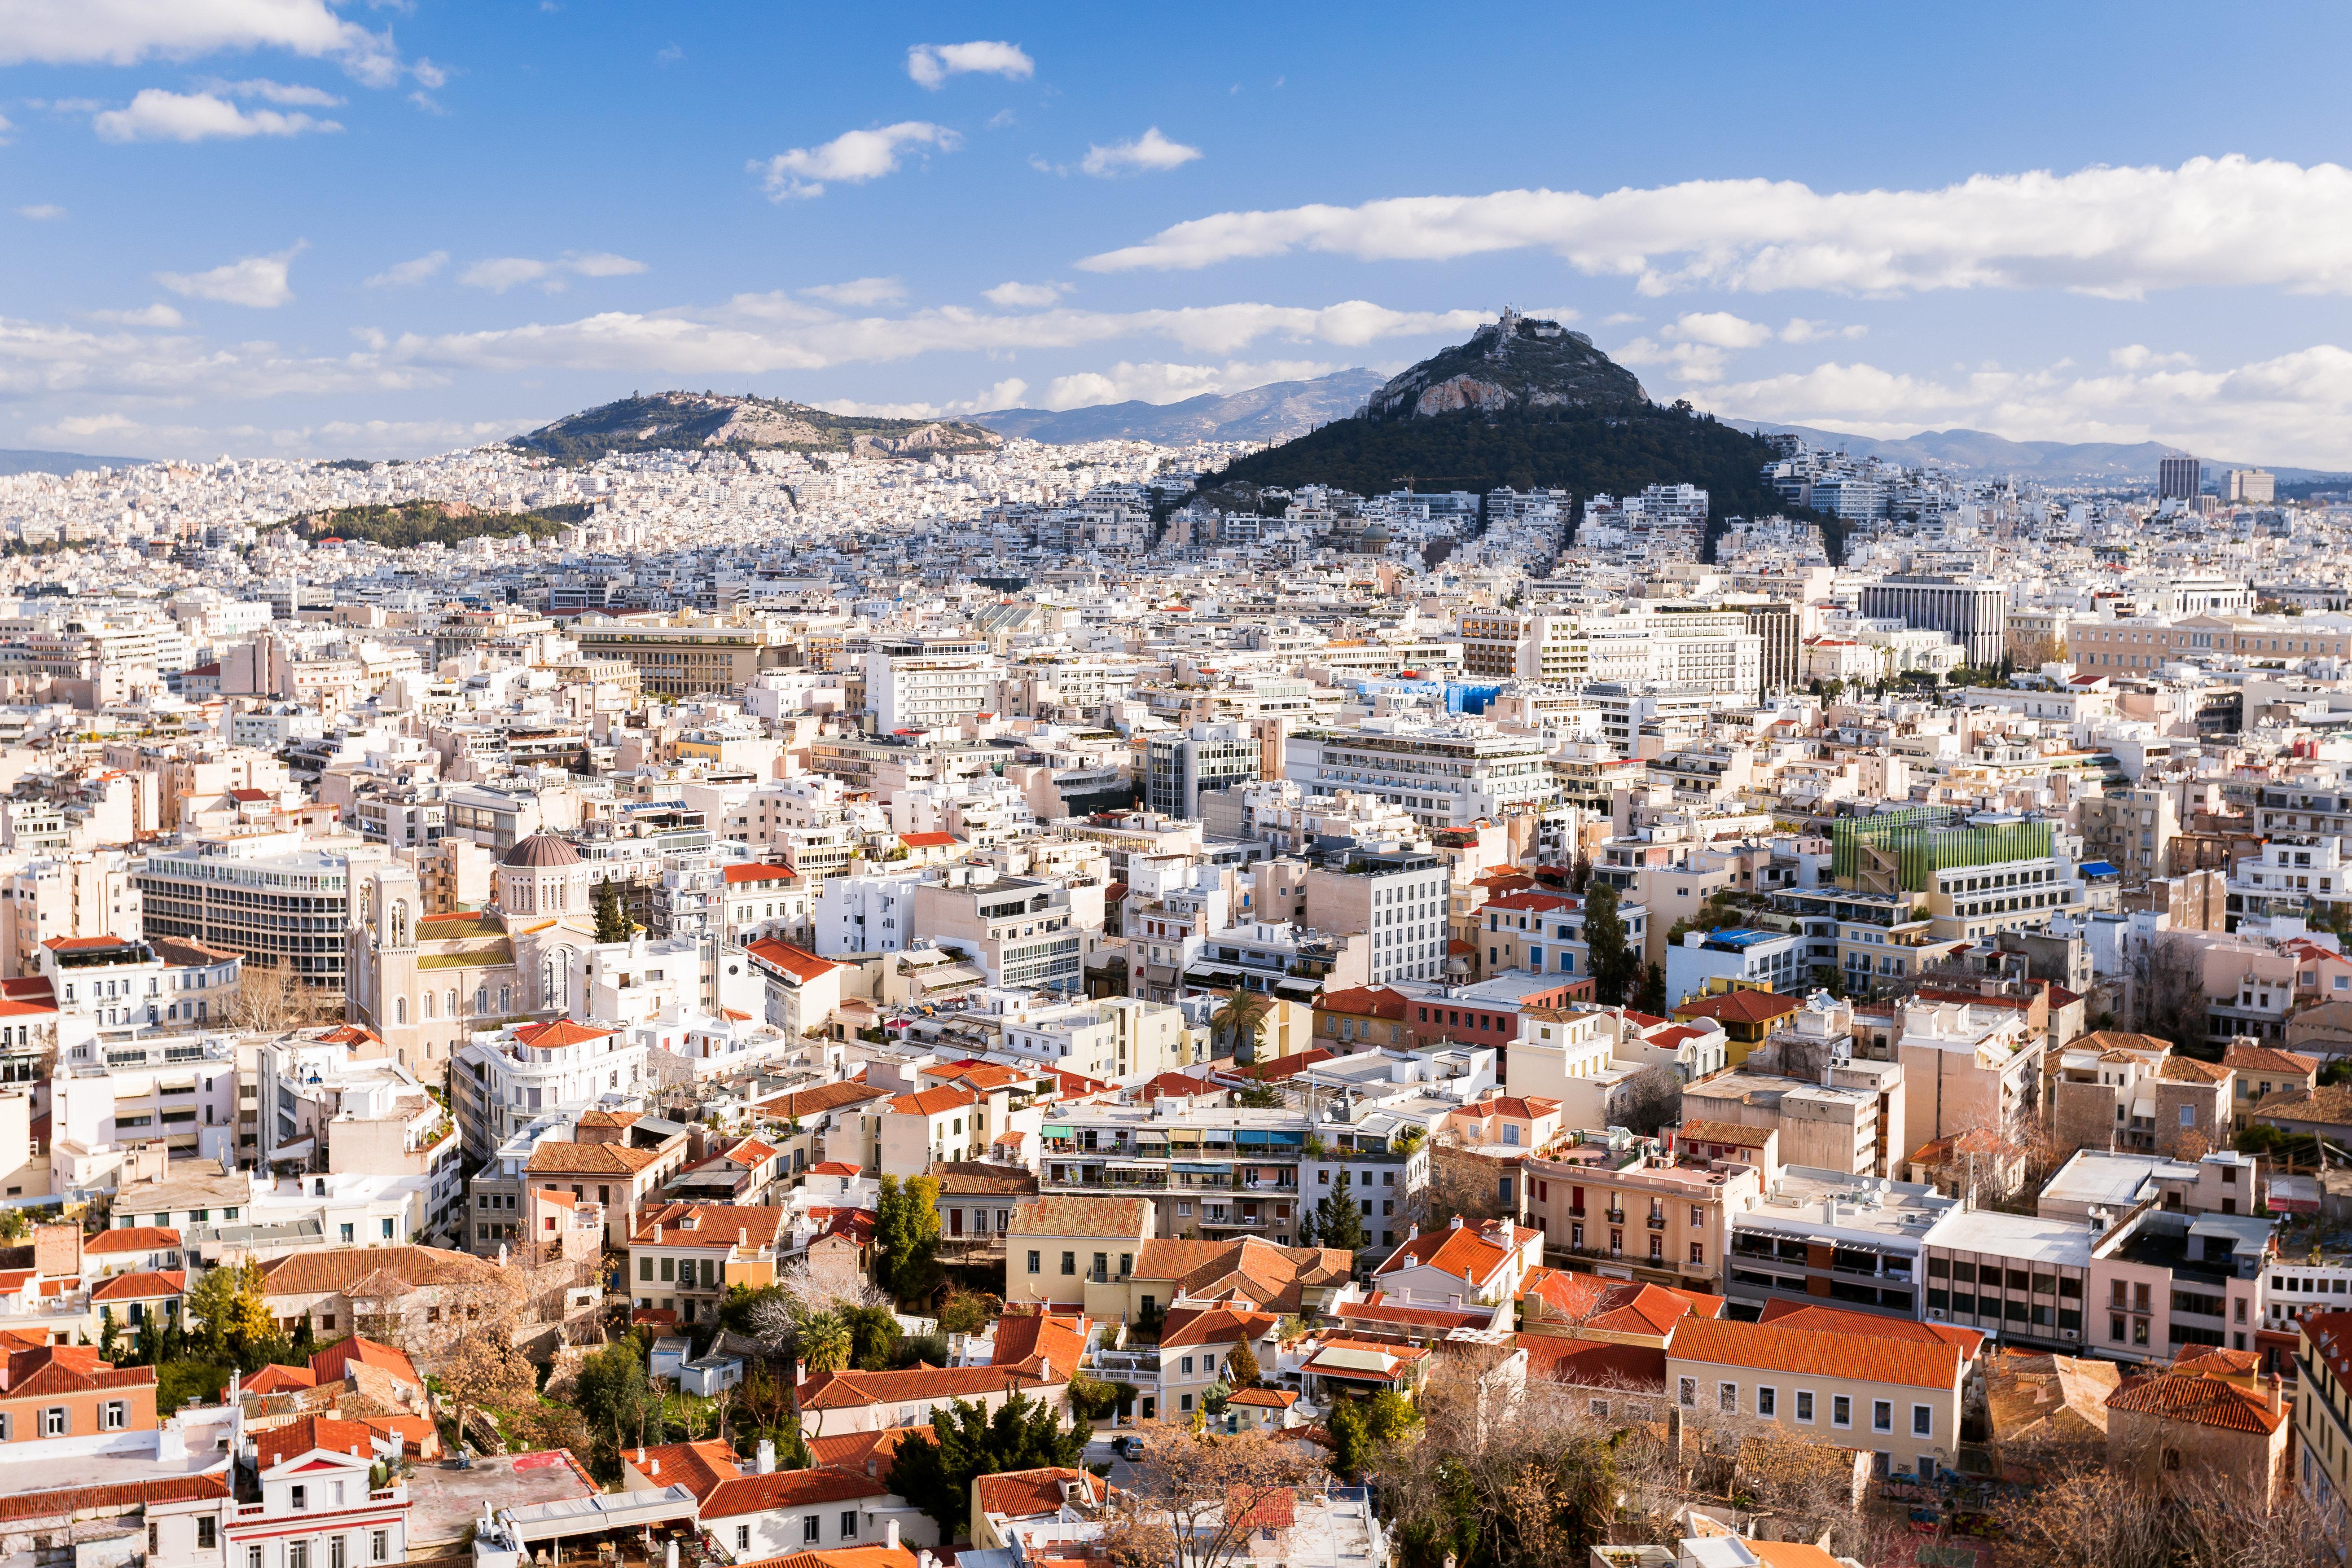 «Μαζικές εξώσεις» ενοικιαστών στην Αθήνα λόγω «χρυσής» βίζας σε επενδυτές Airbnb από Ρωσία και